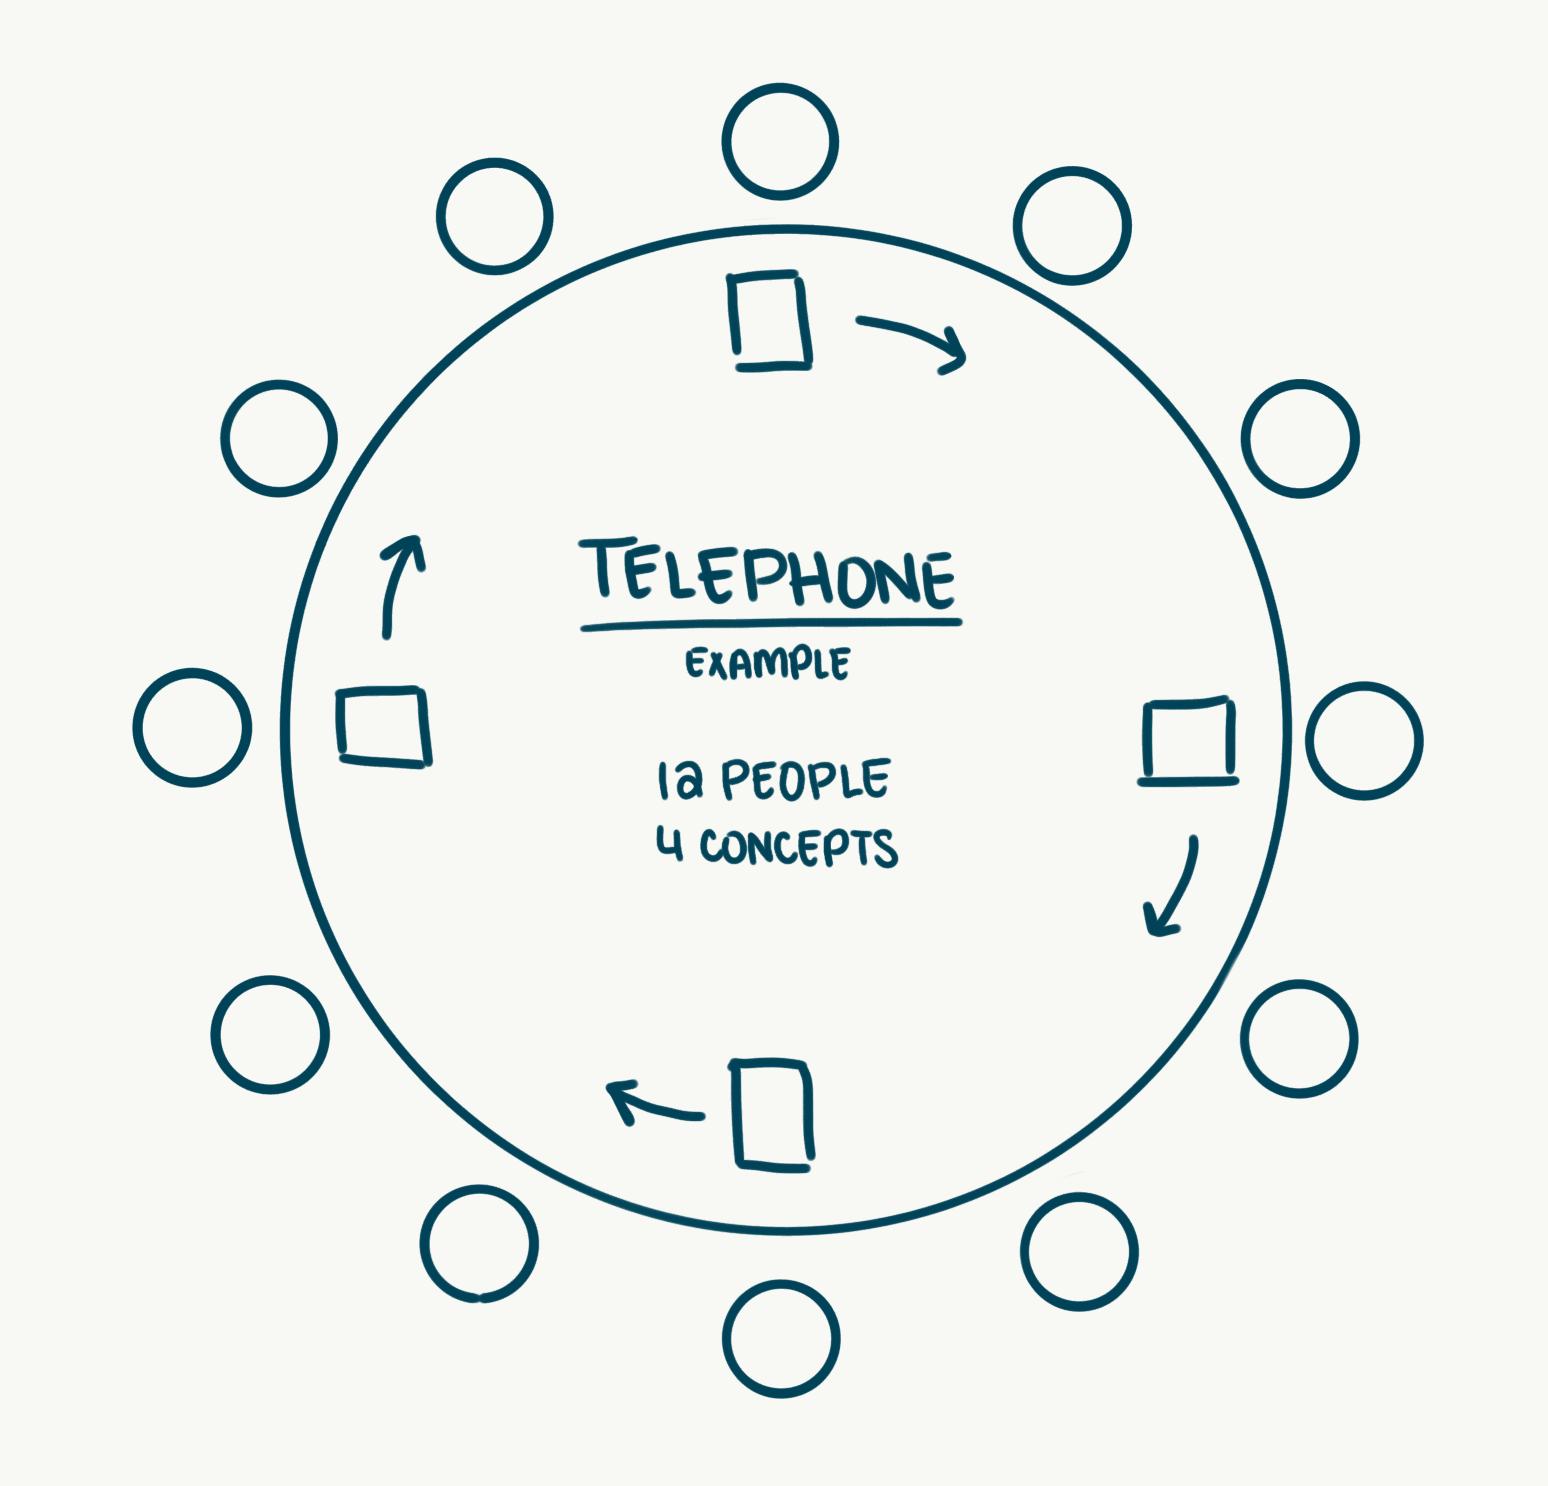 telephone example layout